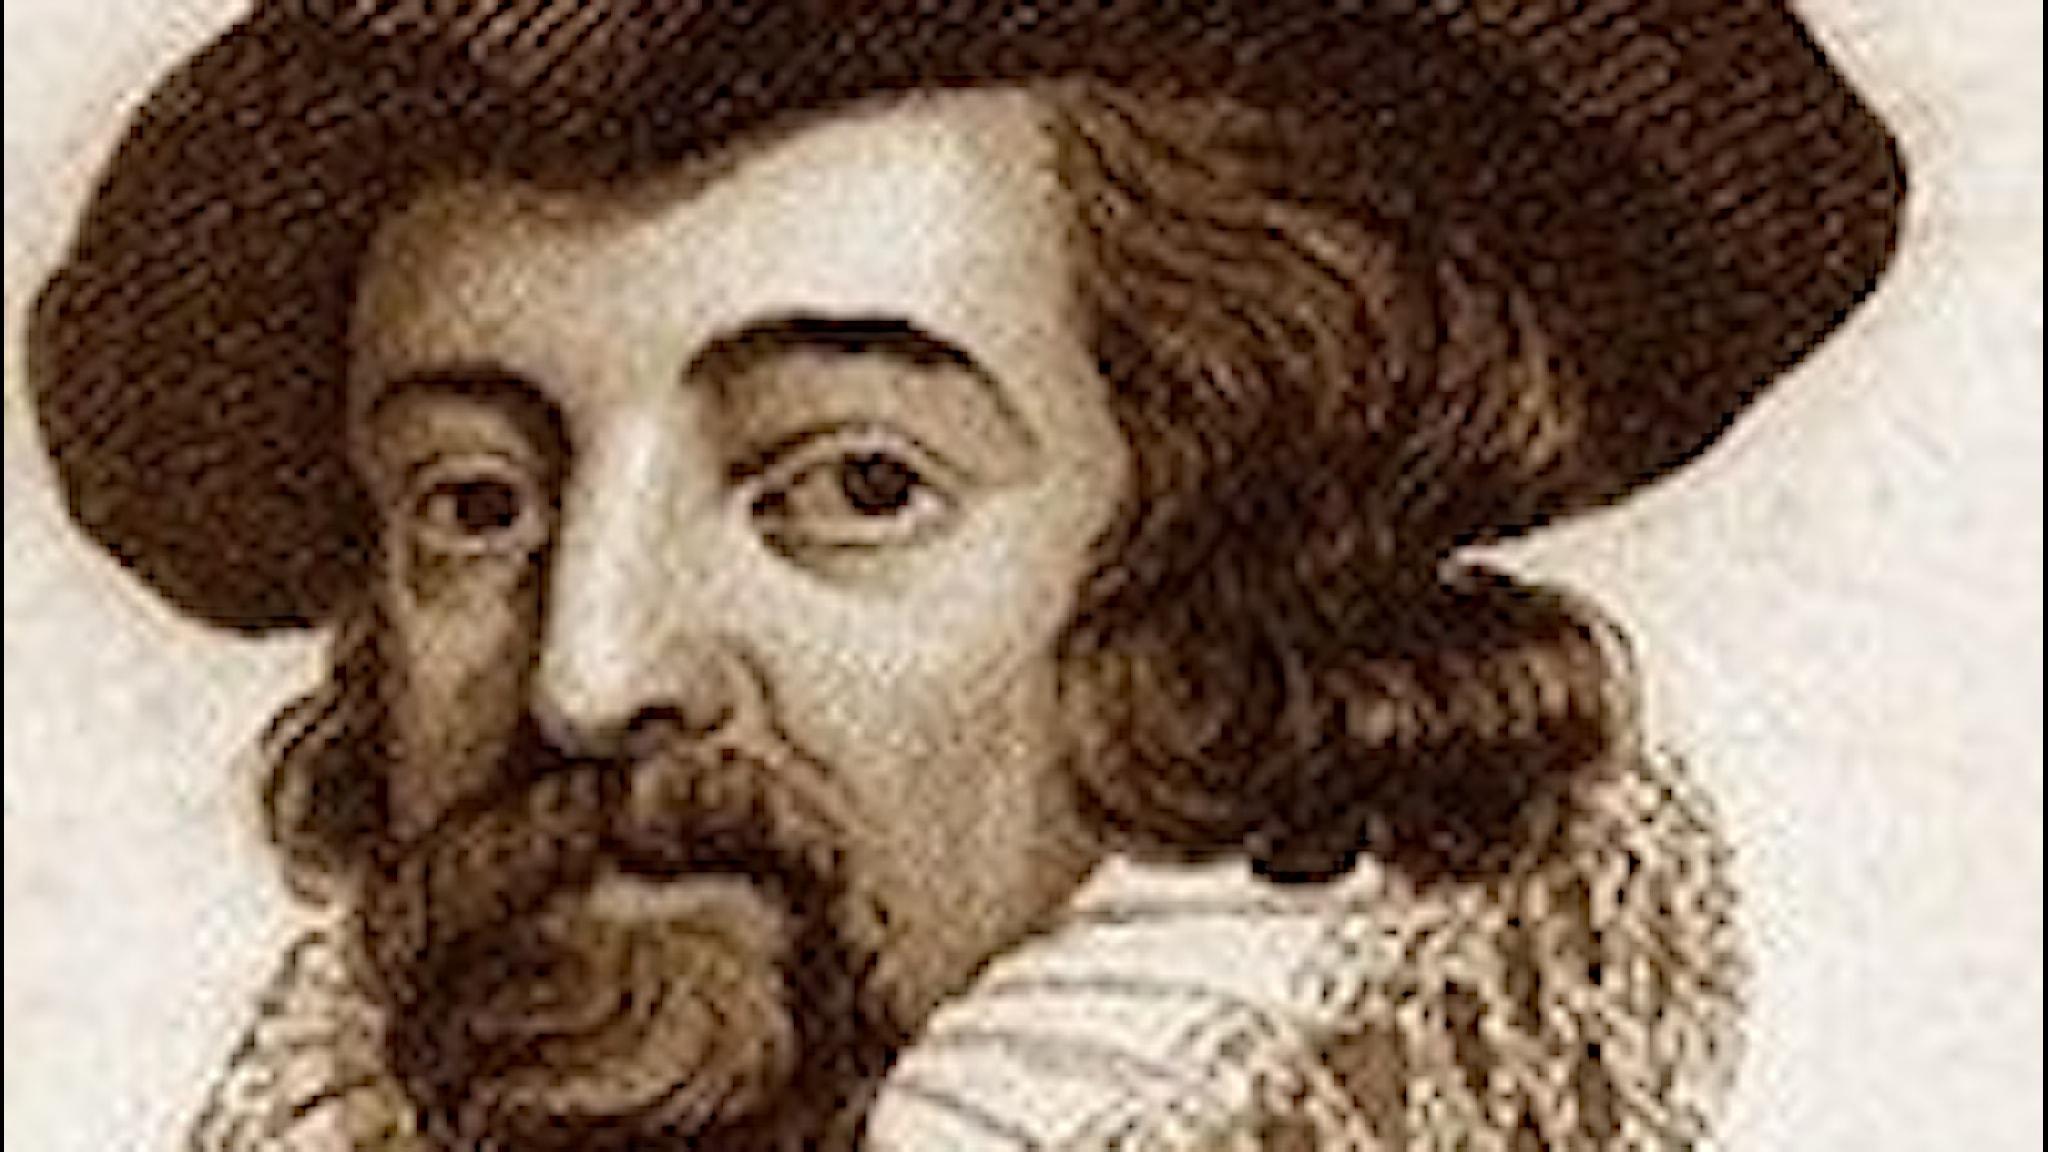 Teckning/etsning av tonsättaren Jacopo Peri från 1600-talet.